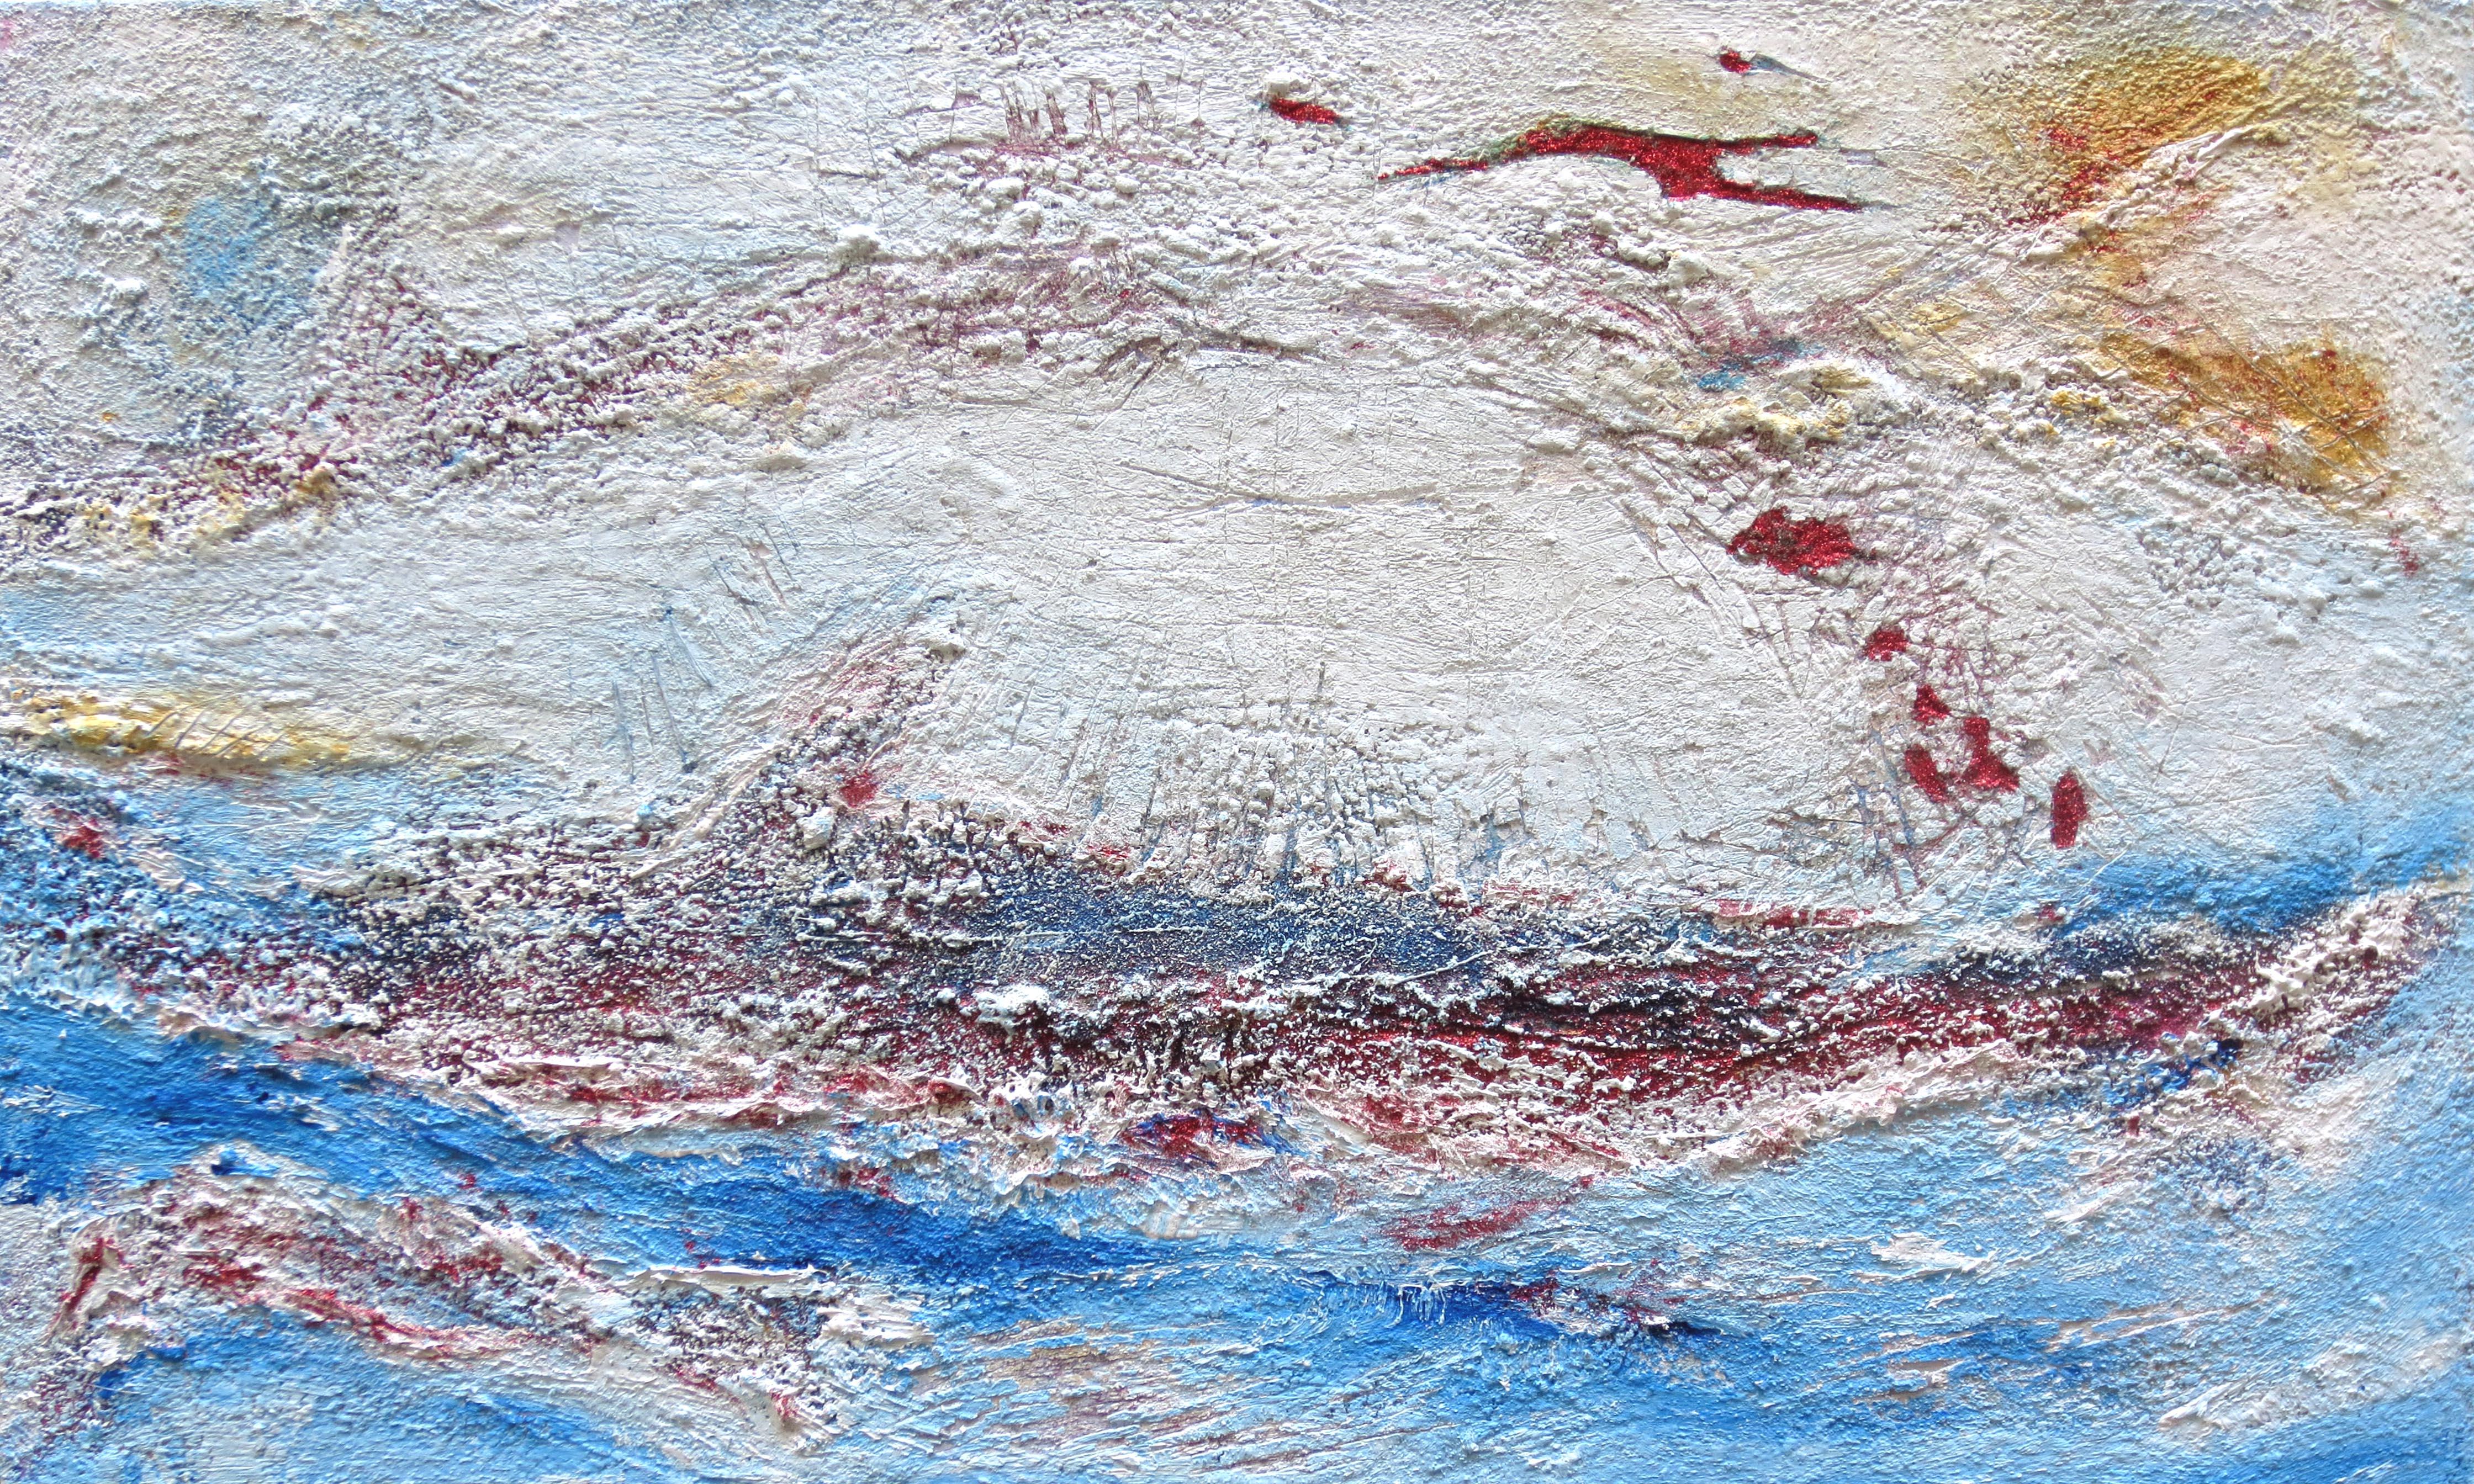 senza-titolo-2012-100x70-polimaterico-su-tela